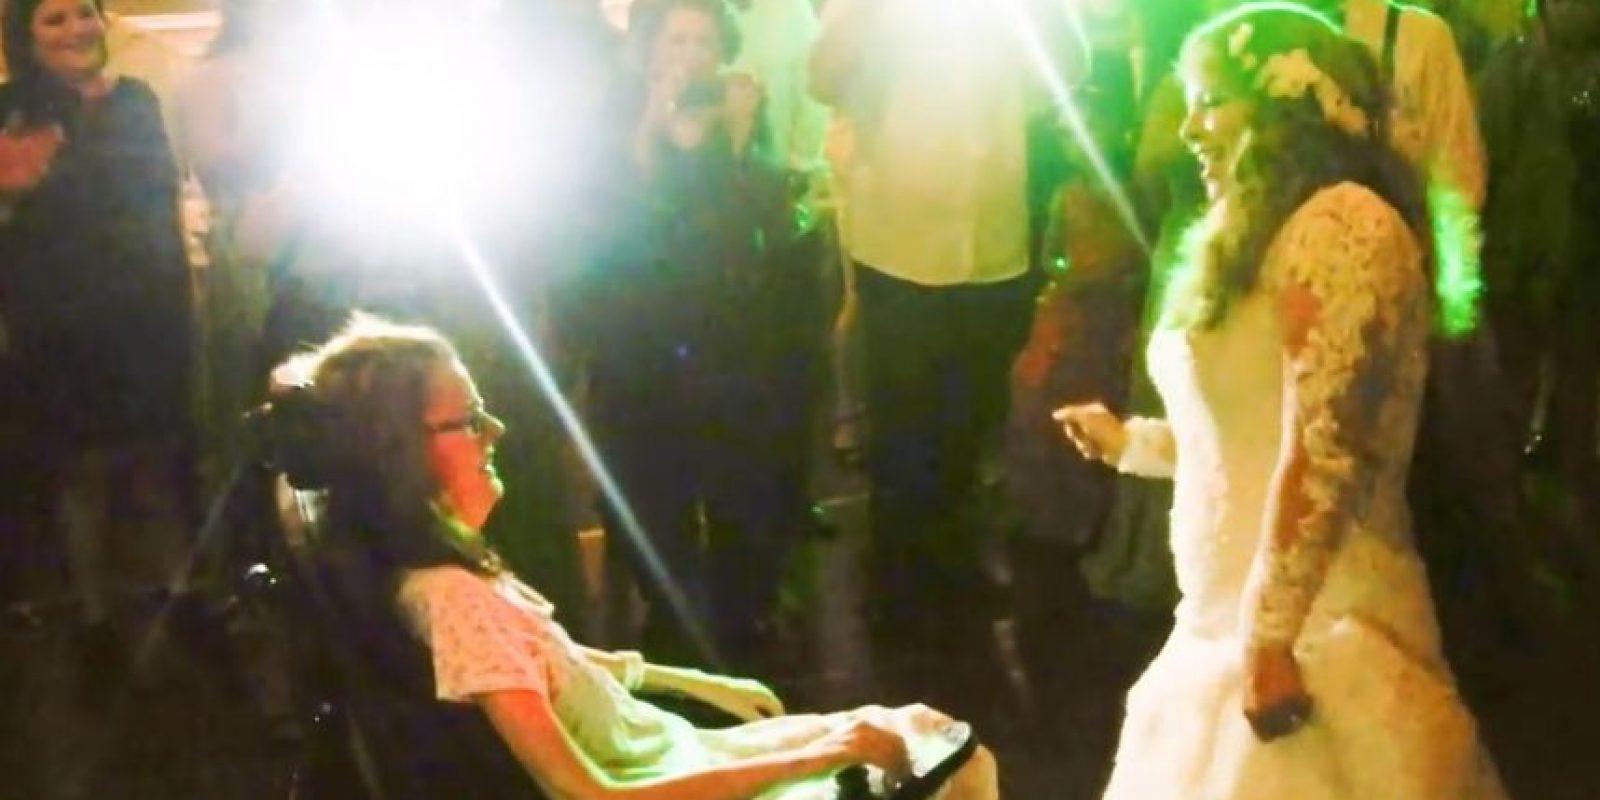 Y la madre pudo compartir ese momento con su hija Foto:Reuben Castro/Youtube Anthony Carbajal